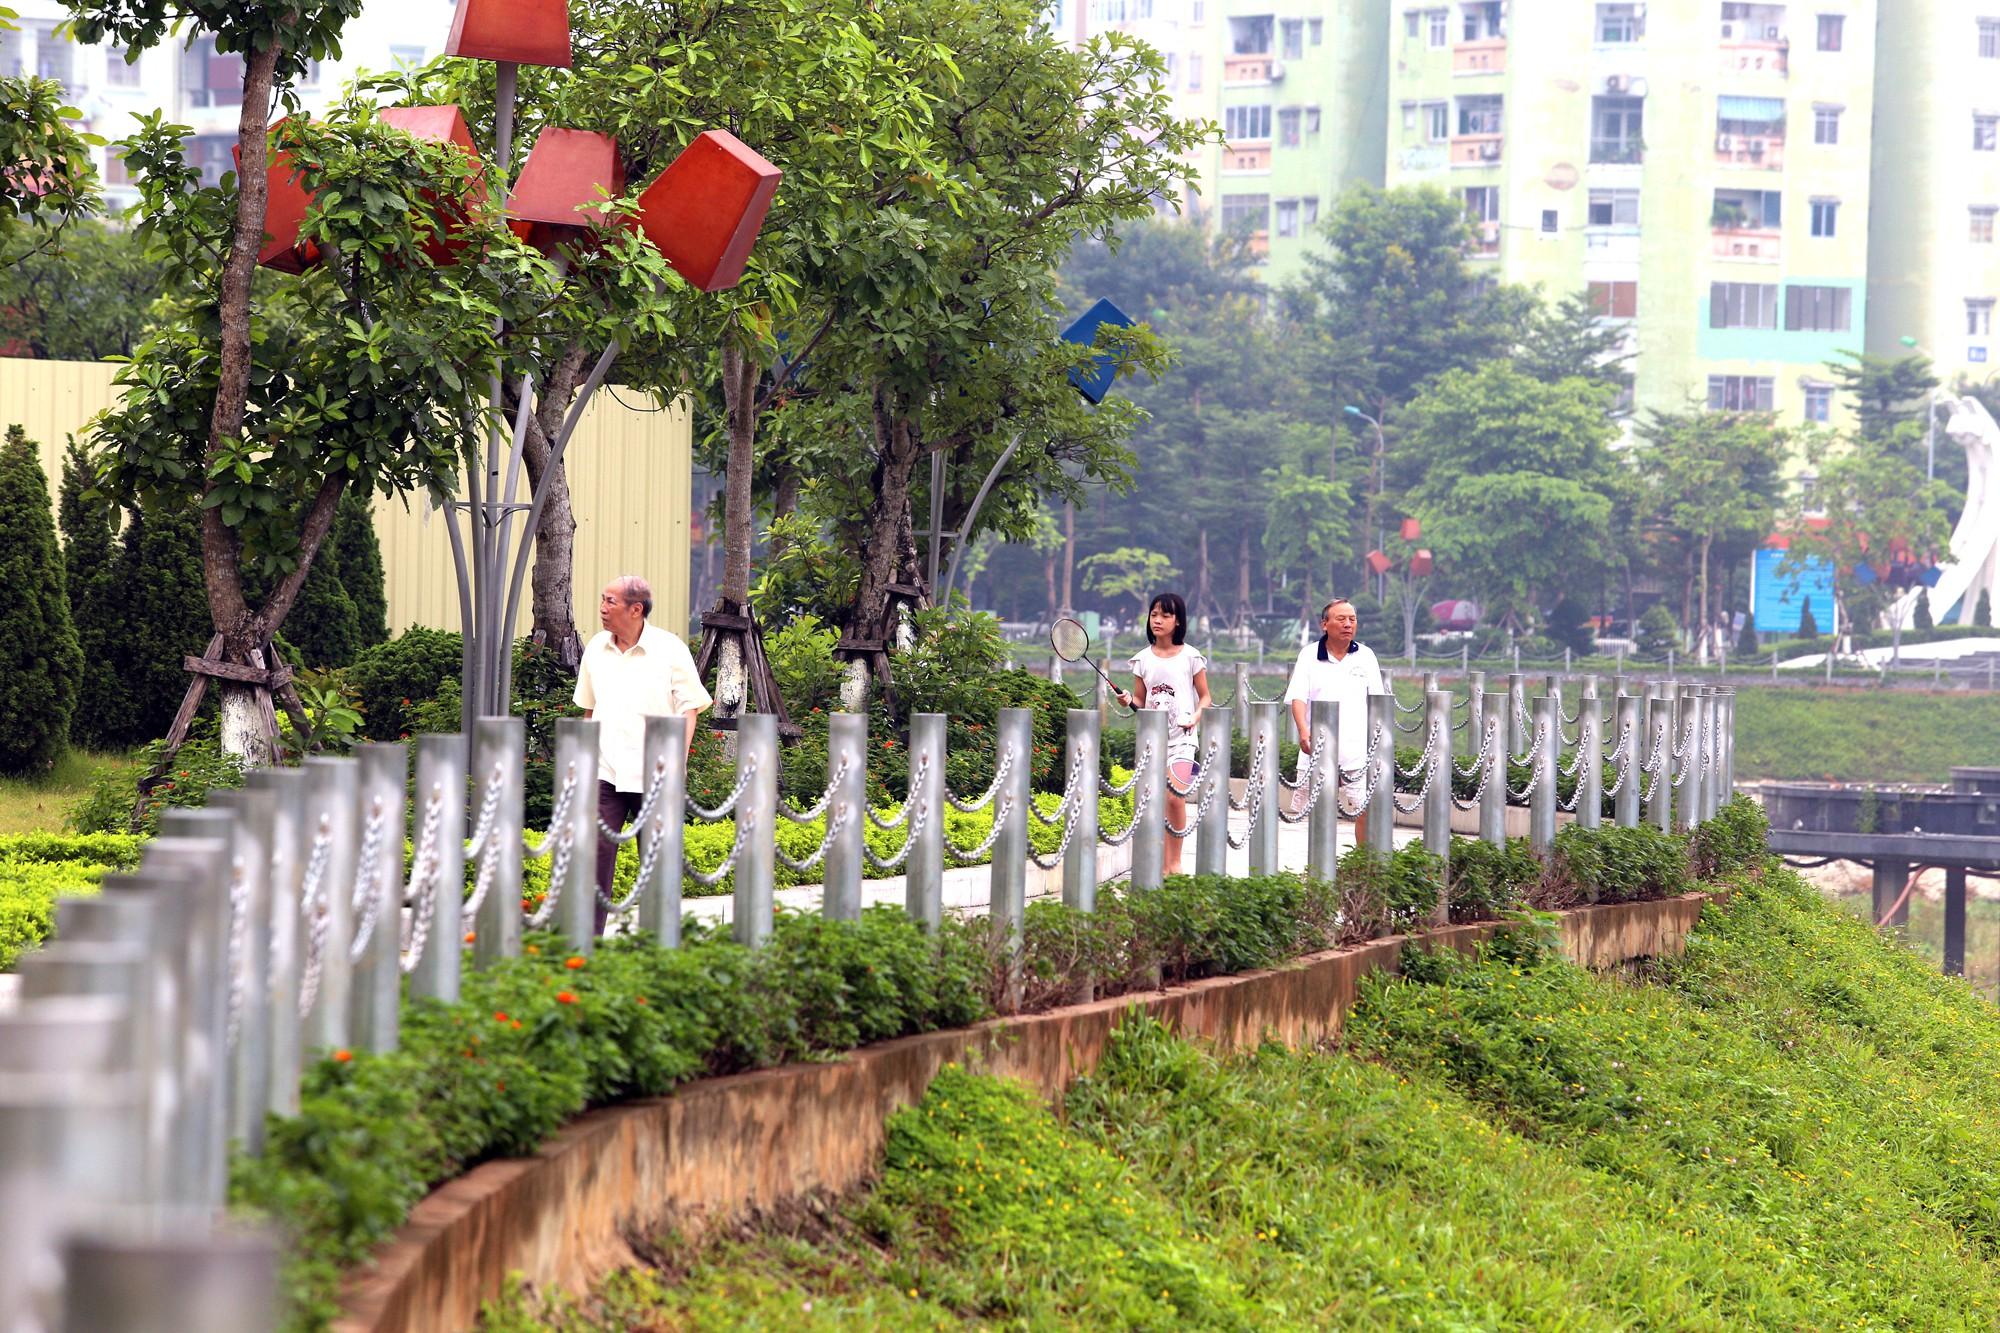 Công viên 300 tỉ đồng trên đất vàng ở Hà Nội mới khánh thành đã bị dân chê hôi thối - Ảnh 3.